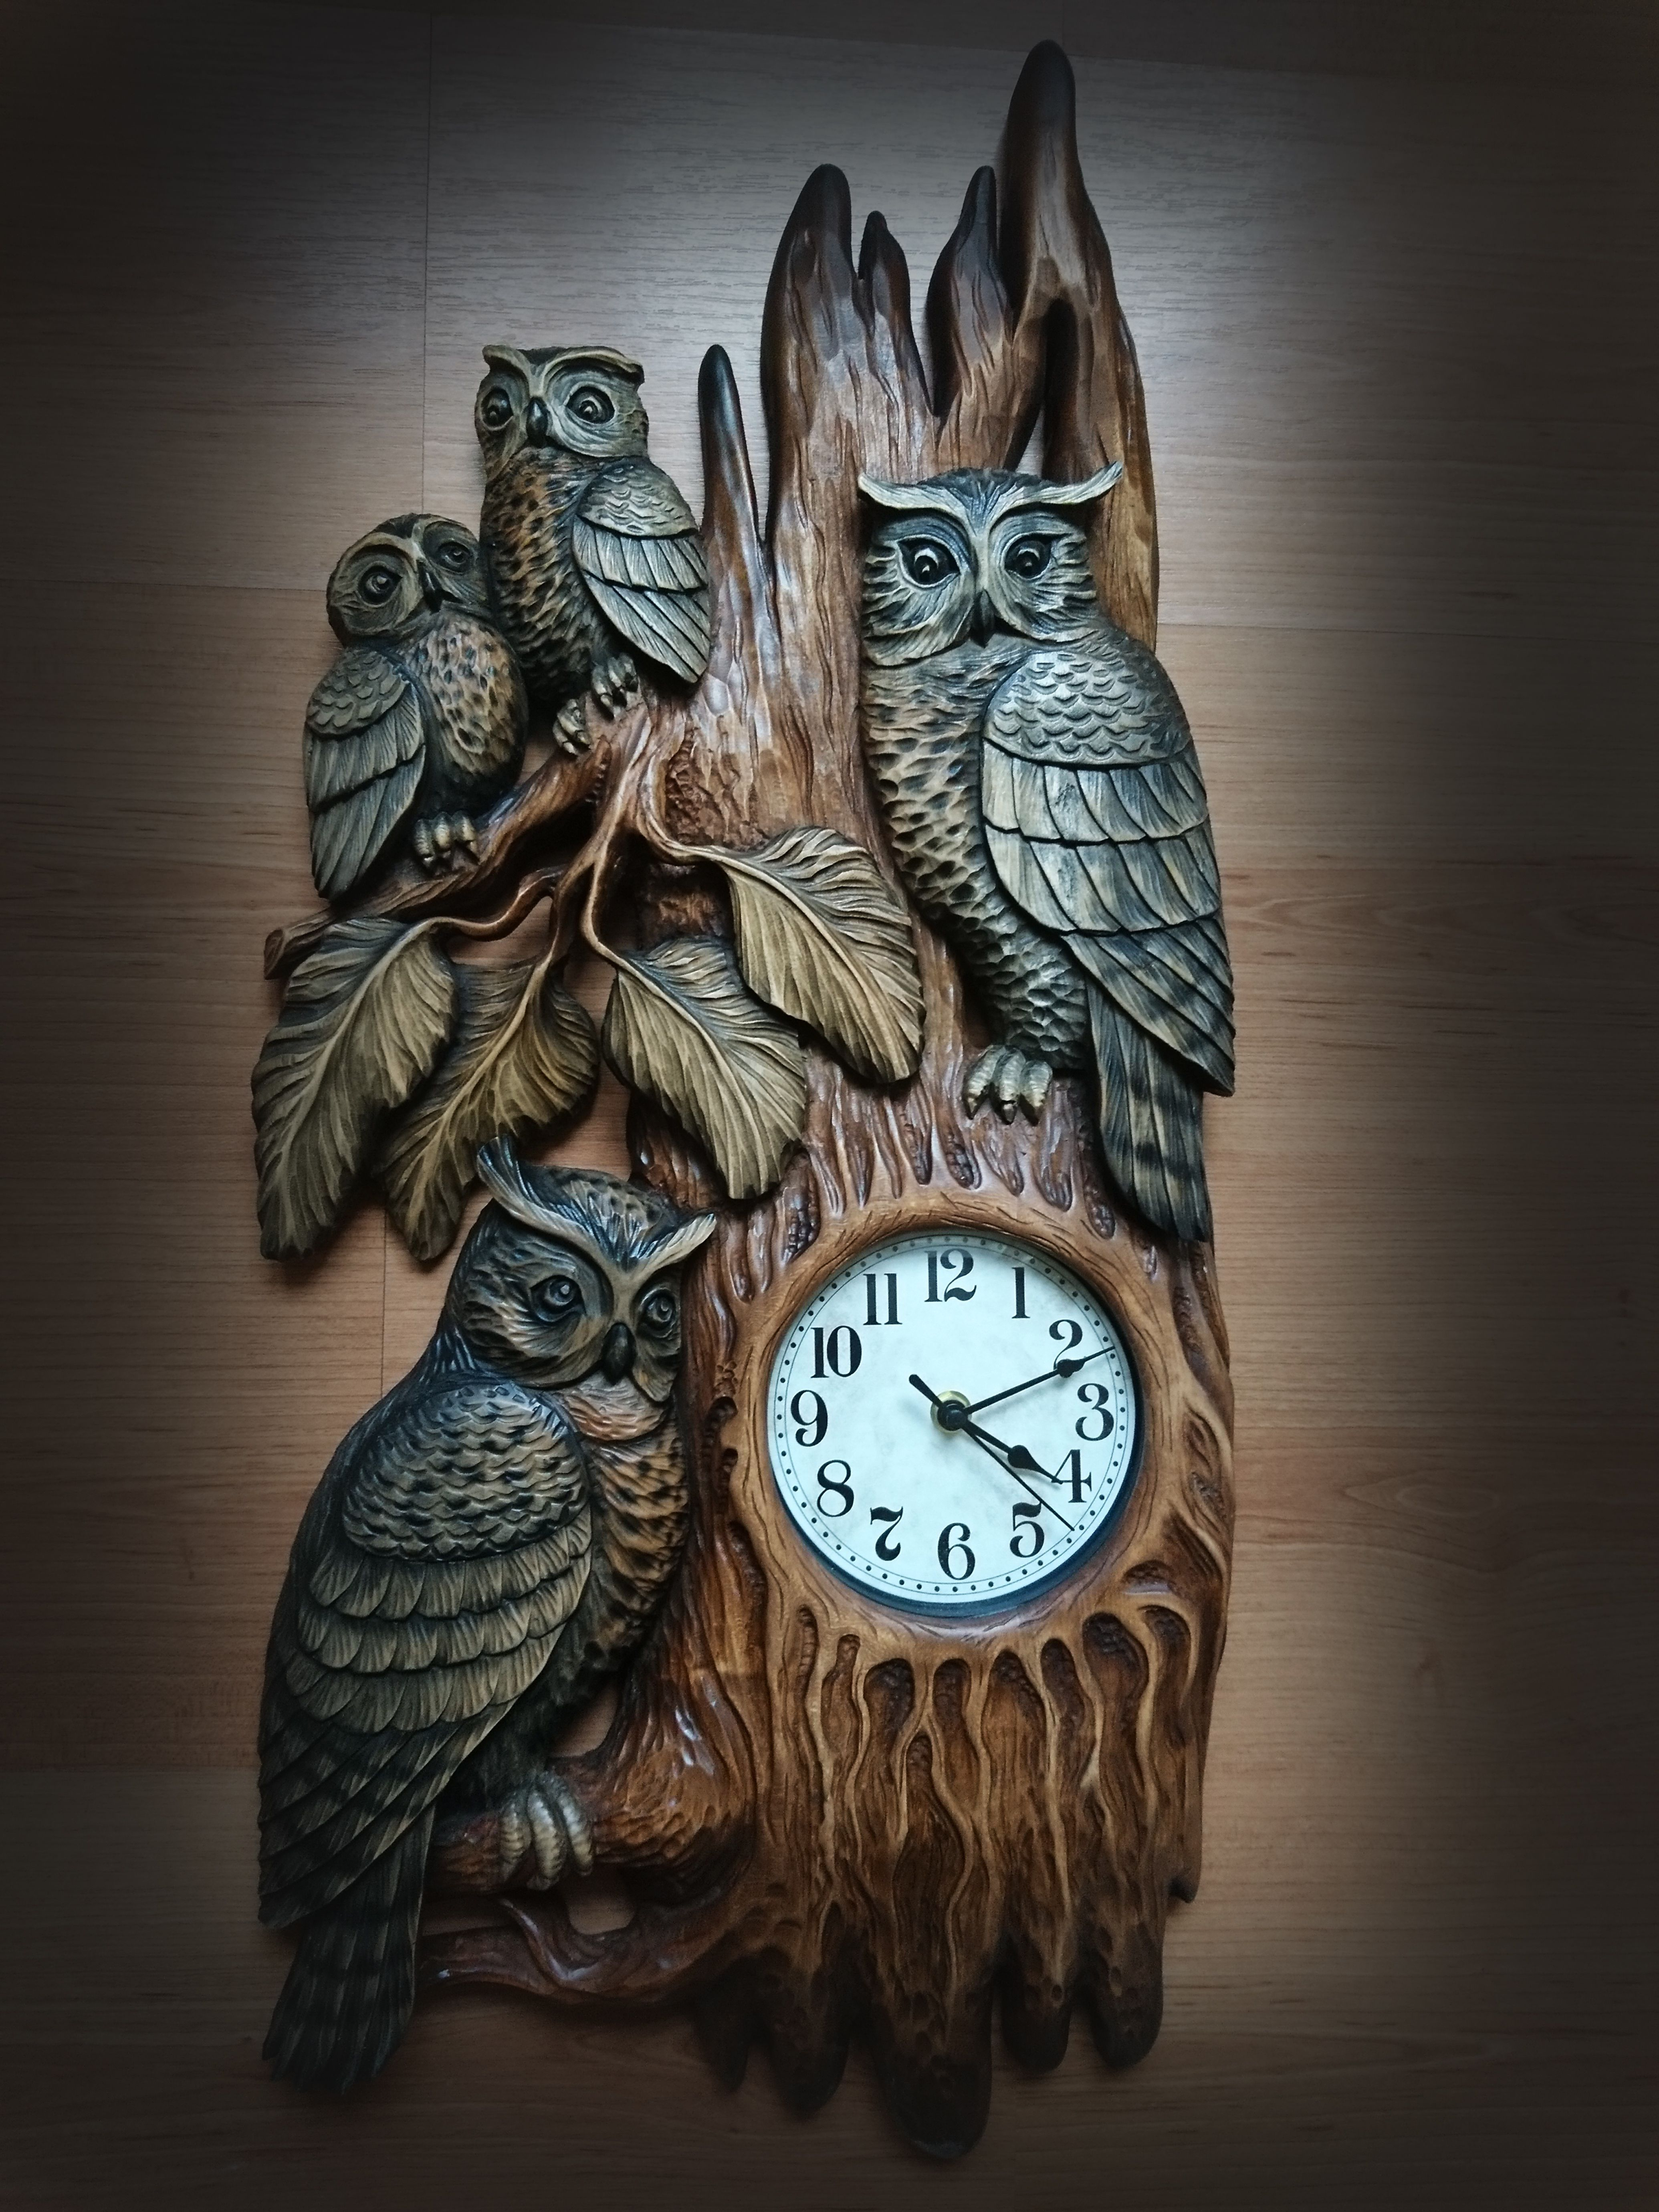 часы Совы | резьба | Изобразительное искусство из дерева ...